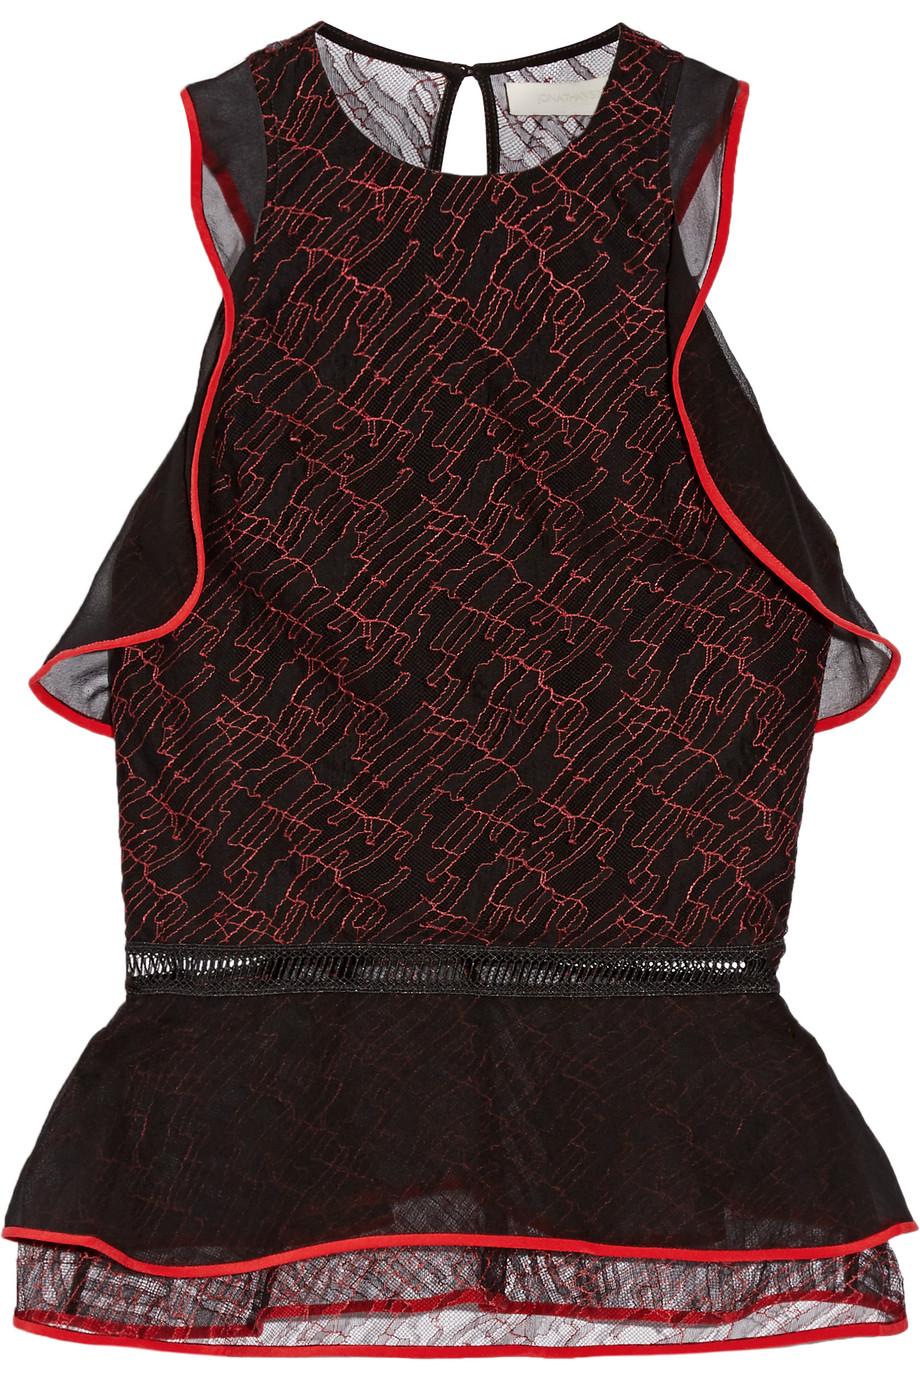 Ruffled Silk Chiffon-Trimmed Lace Peplum Top, Jonathan Simkhai, Black/Red, Women's, Size: 0